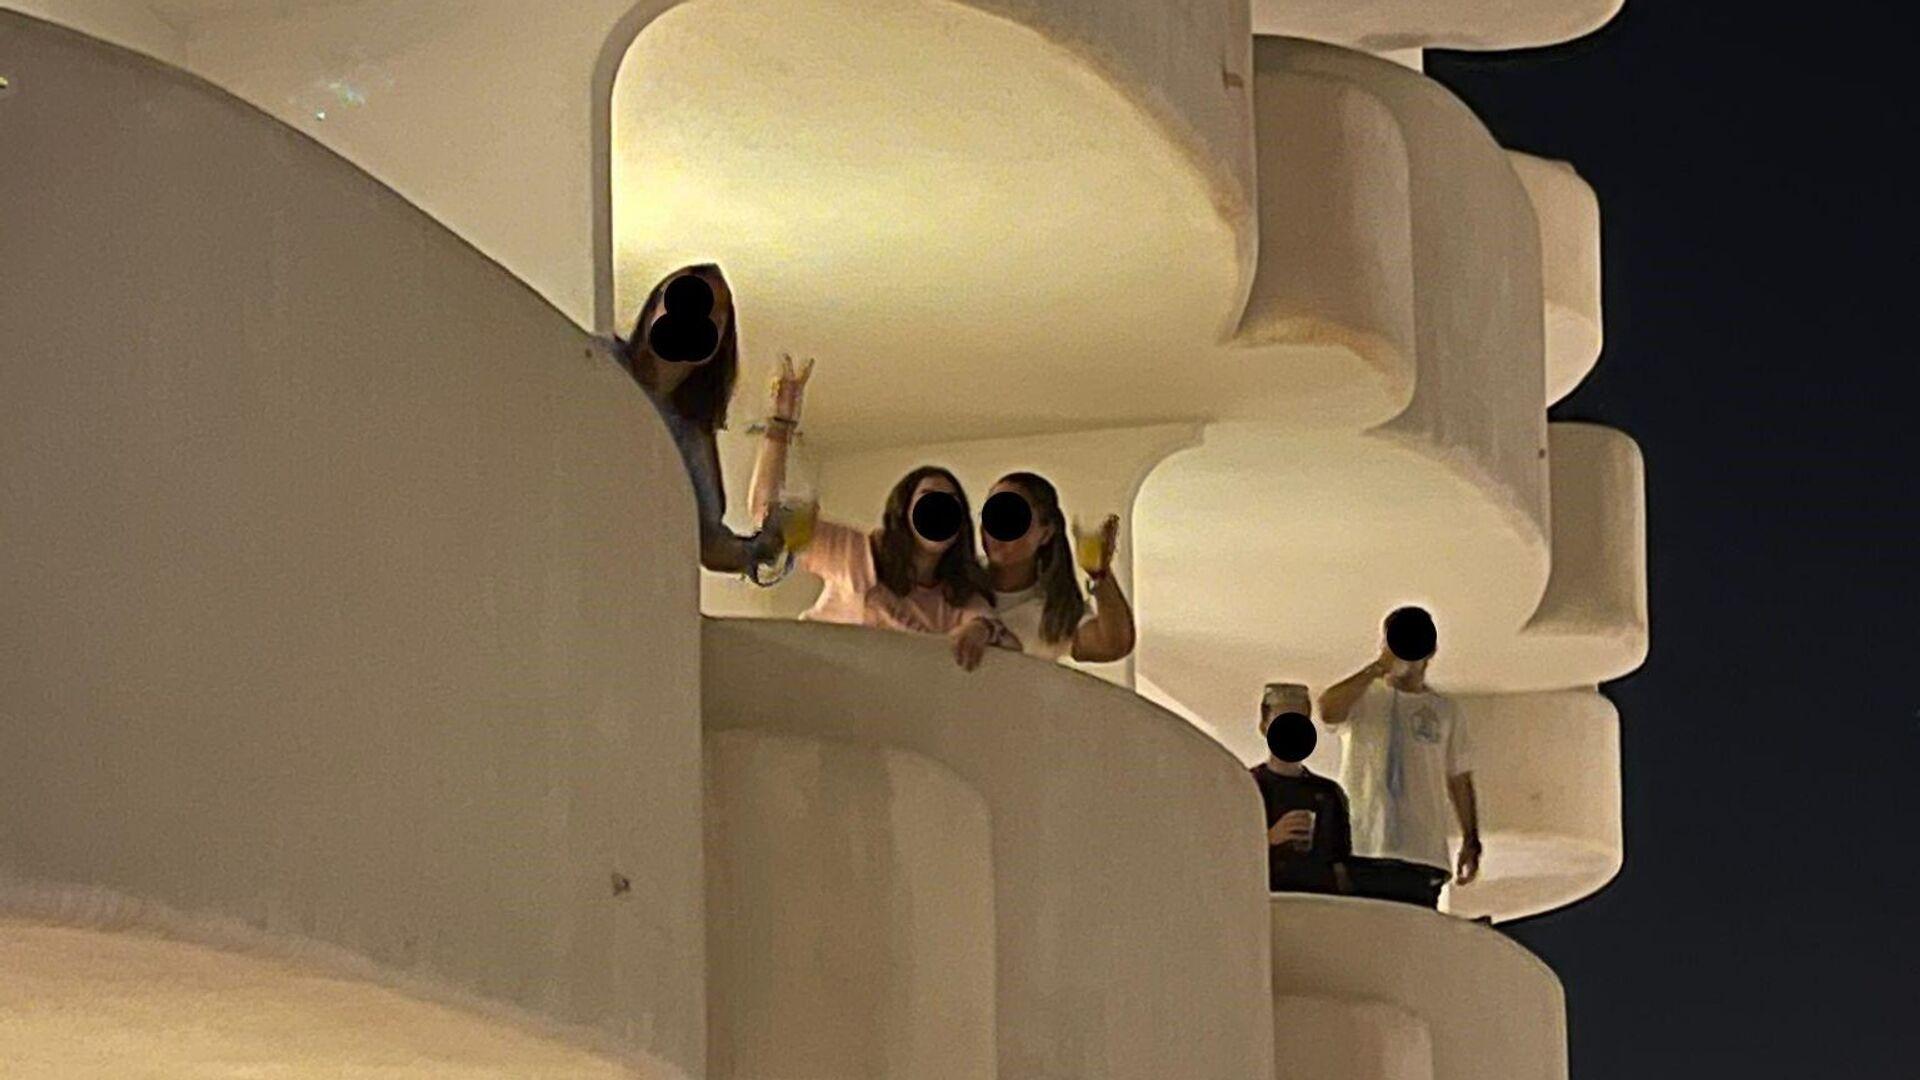 Estudiantes confinados en un hotel de Mallorca - Sputnik Mundo, 1920, 30.06.2021